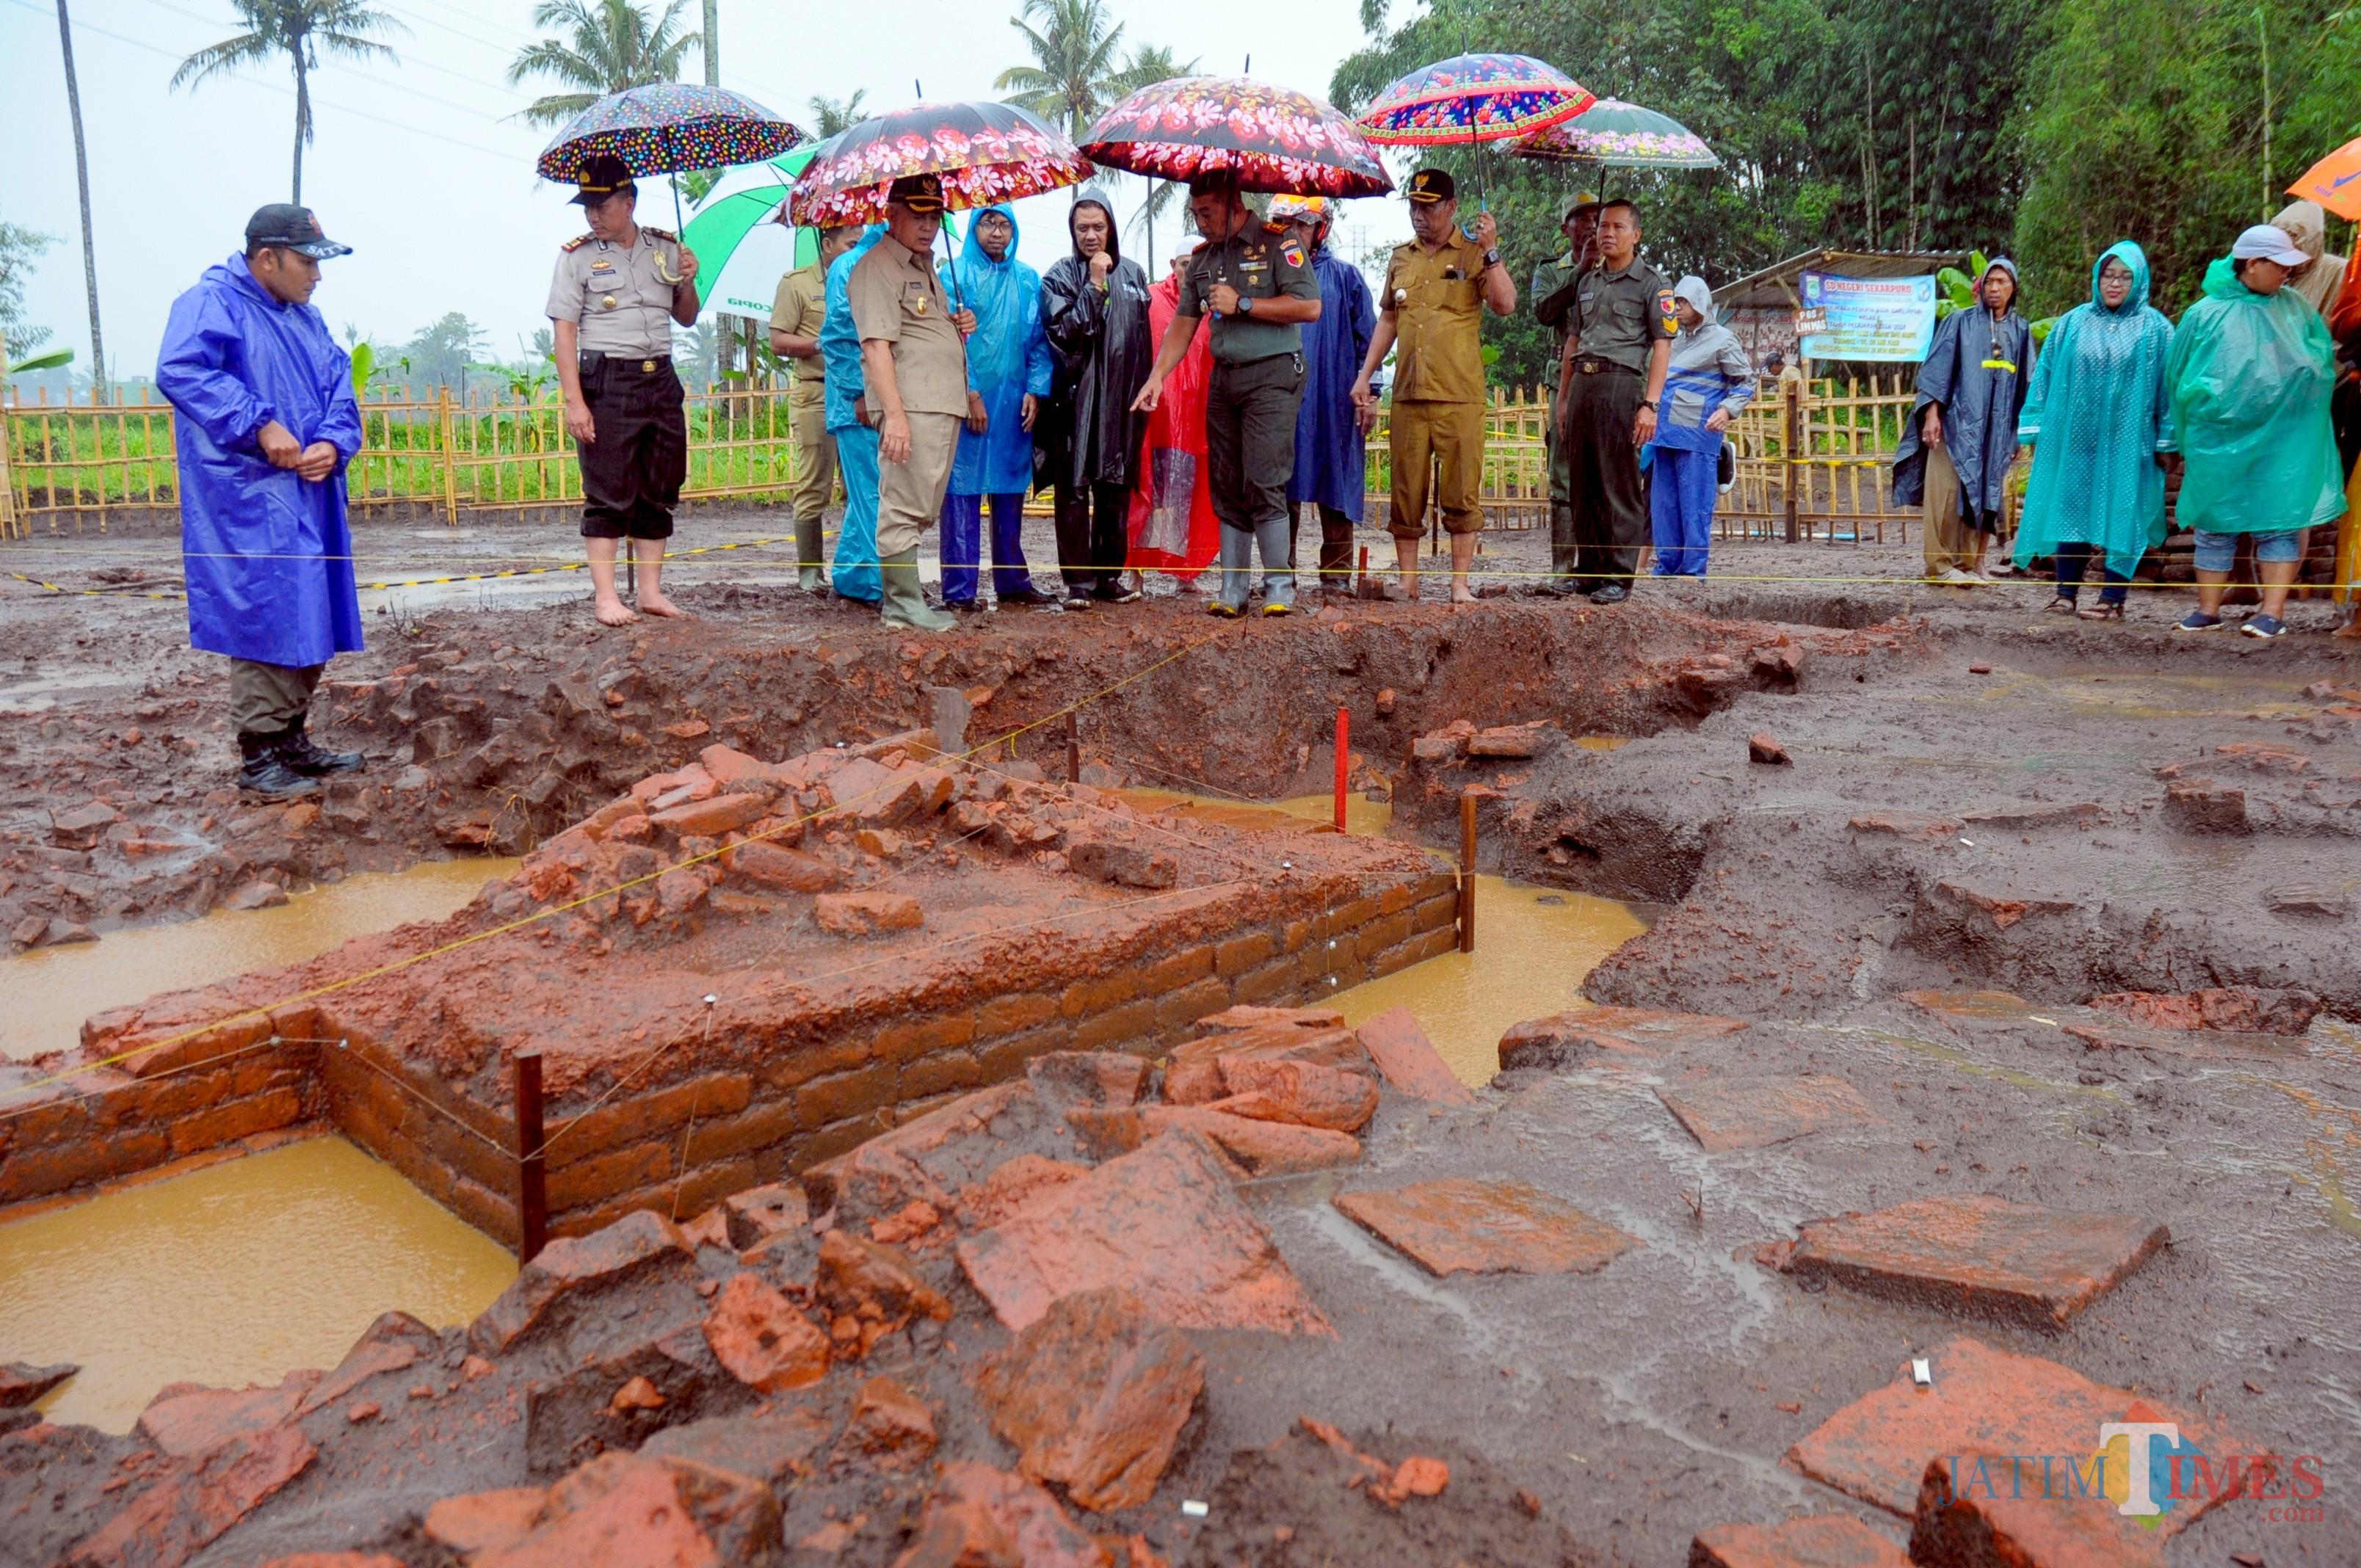 Plt Bupati Malang didampingi oleh Muspika saat meninjau situs Sekaran ditengah hujan (Luqmanul Hakim/Malang Times)